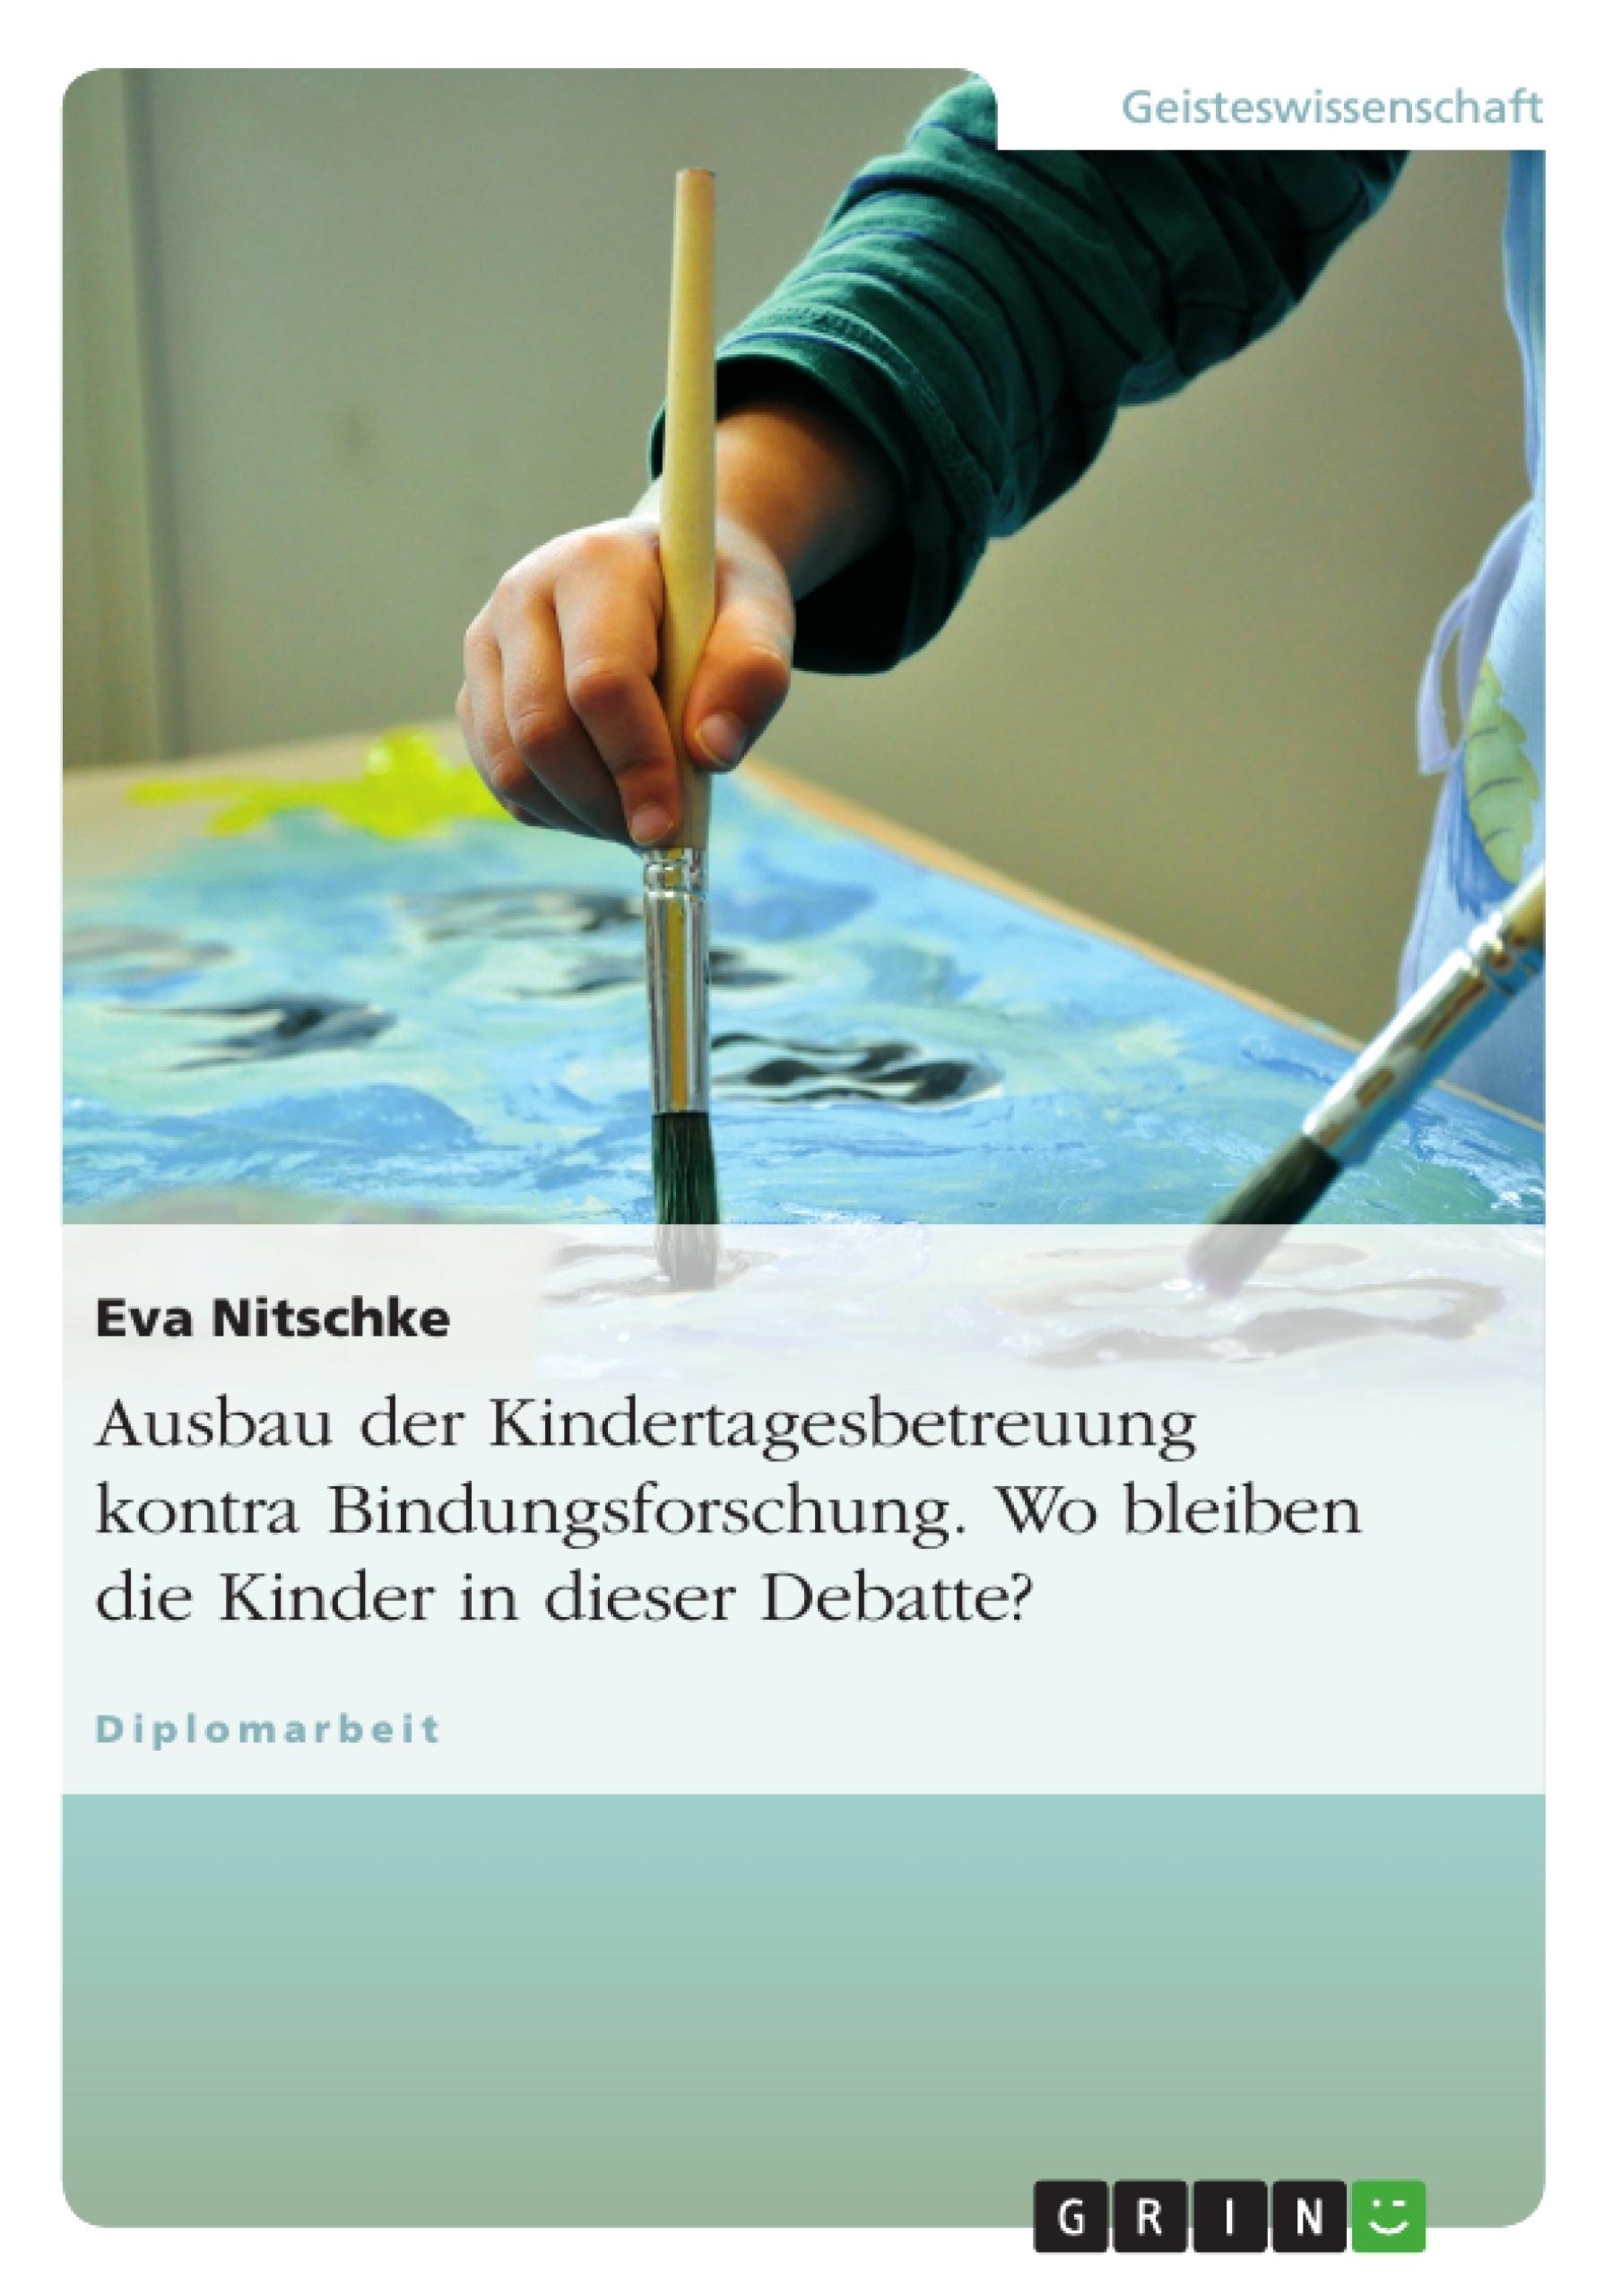 Titel: Ausbau der Kindertagesbetreuung kontra Bindungsforschung. Wo bleiben die Kinder in dieser Debatte?